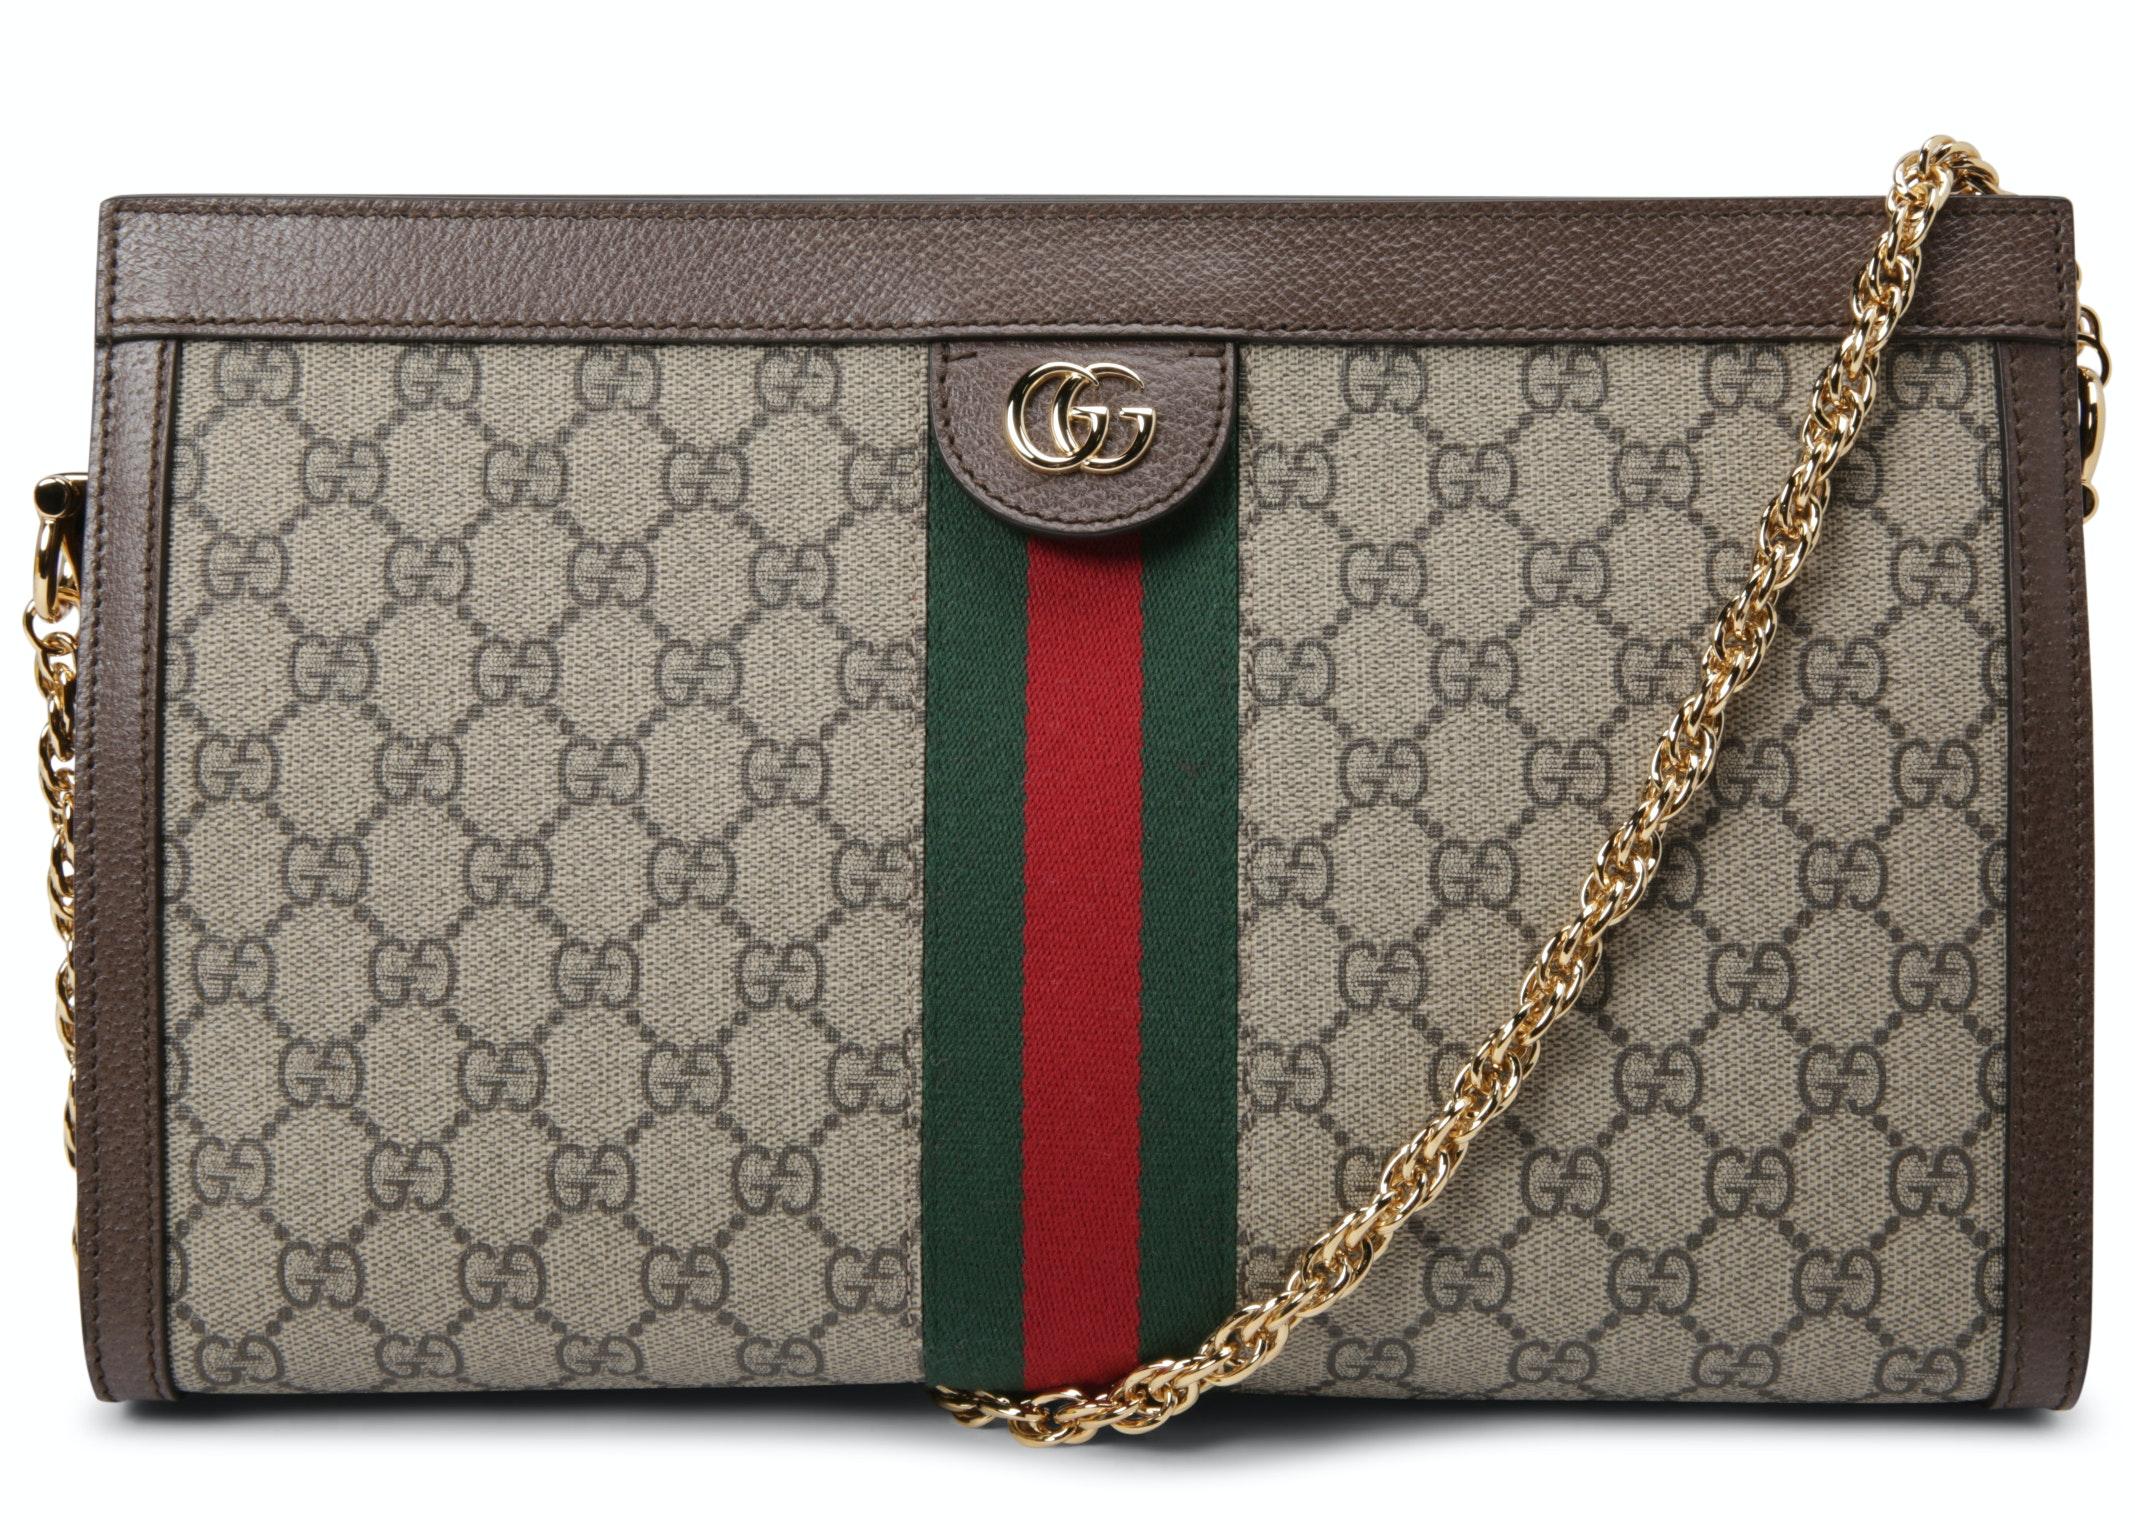 Gucci Ophidia Shoulder Bag GG Supreme Medium Brown